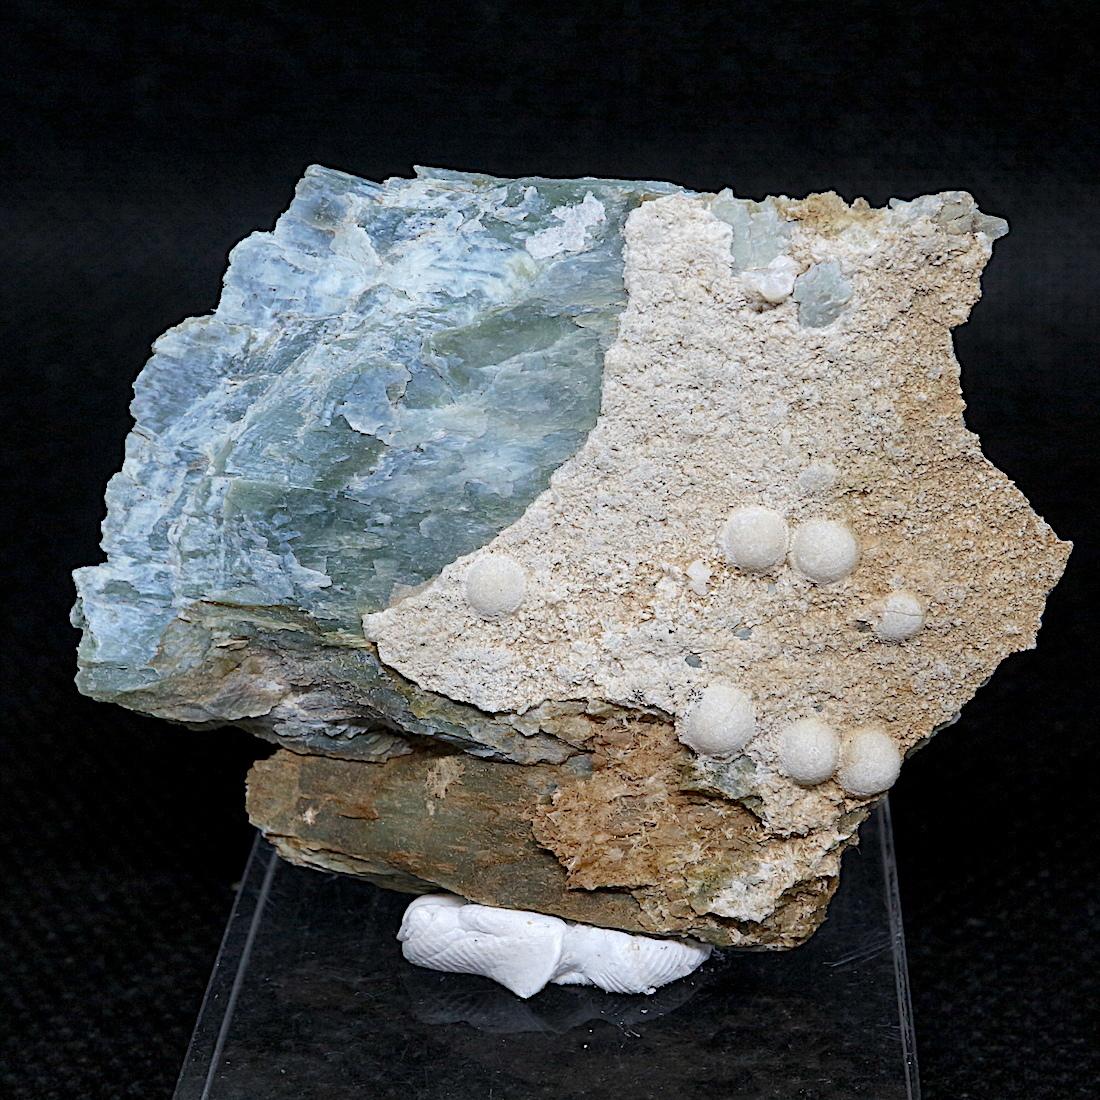 アルチニ石 Artinite & 水苦土石 Hydromagnesite 14,4g ART001 鉱物 原石 天然石 パワーストーン